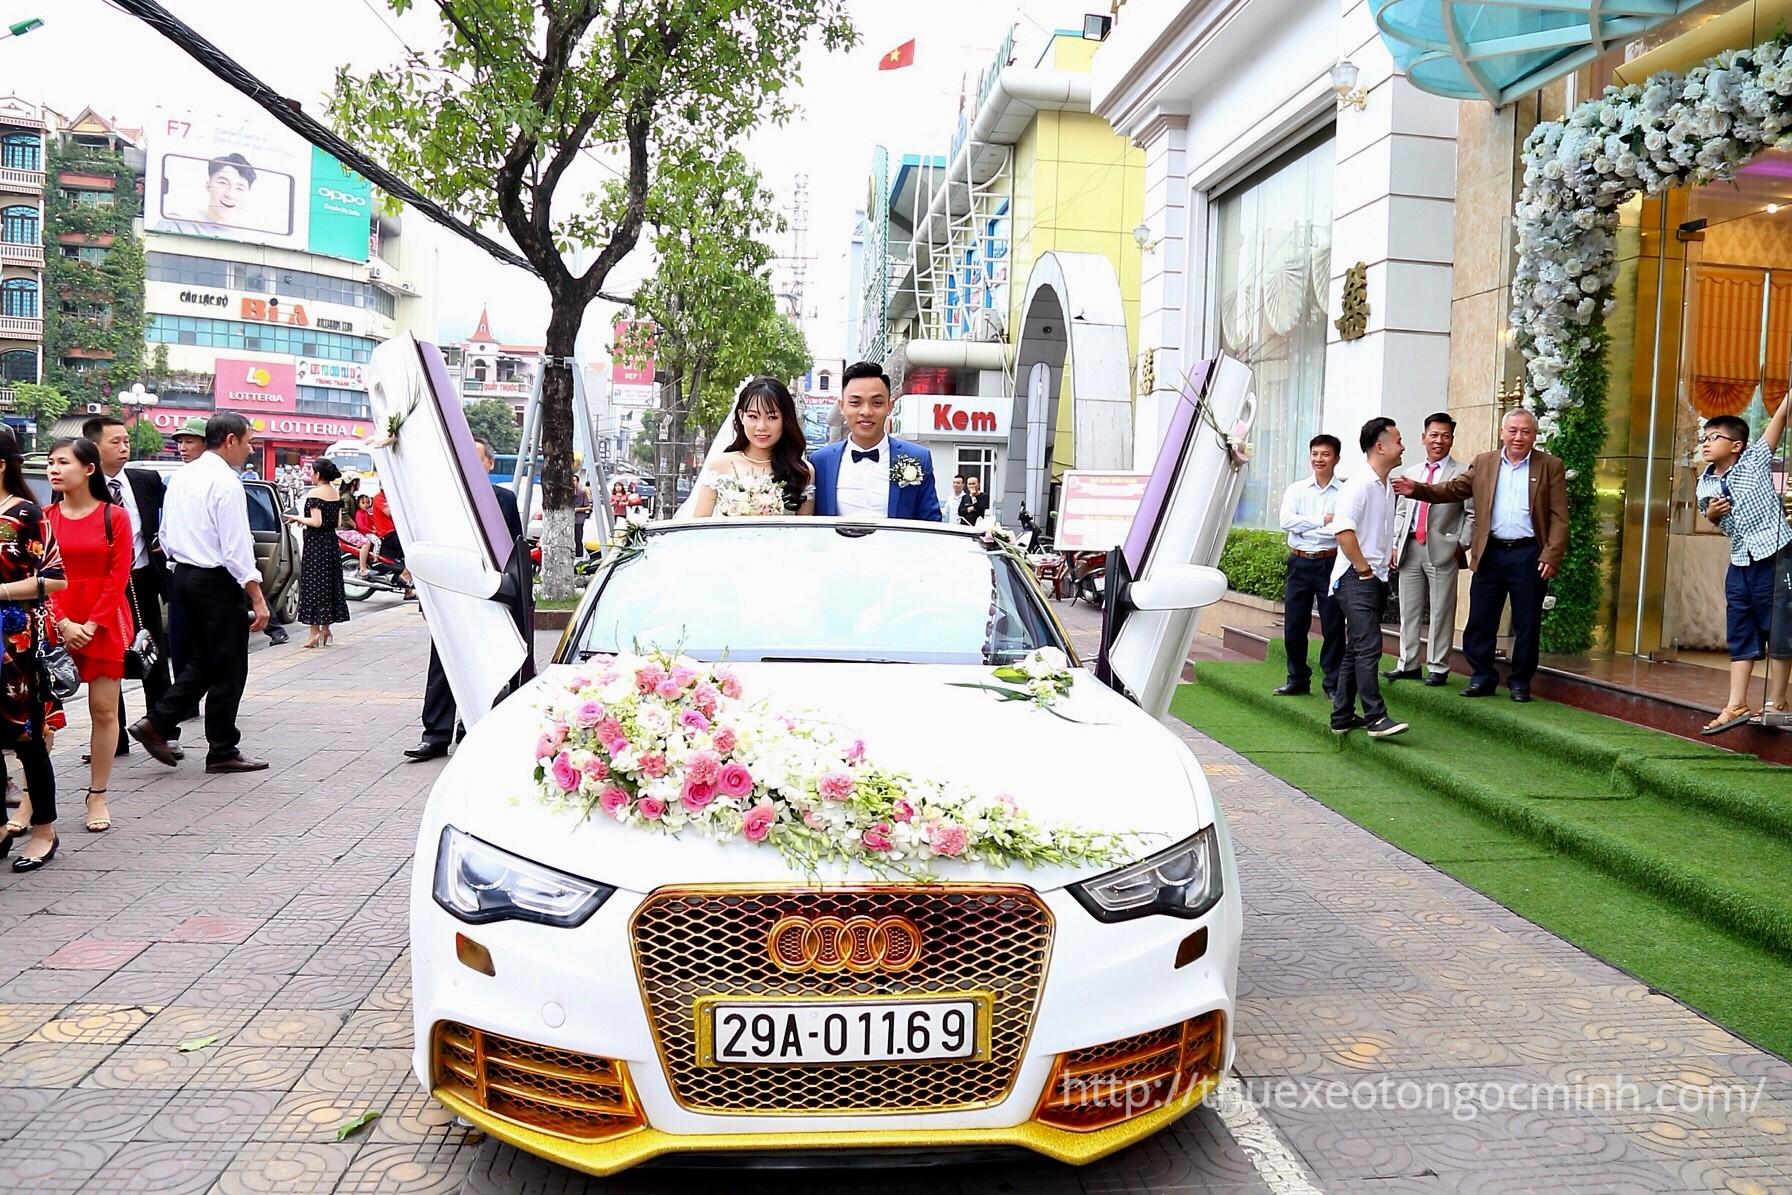 Cho thuê xe cưới đẹp, chất lượng tại quận Ba Đình